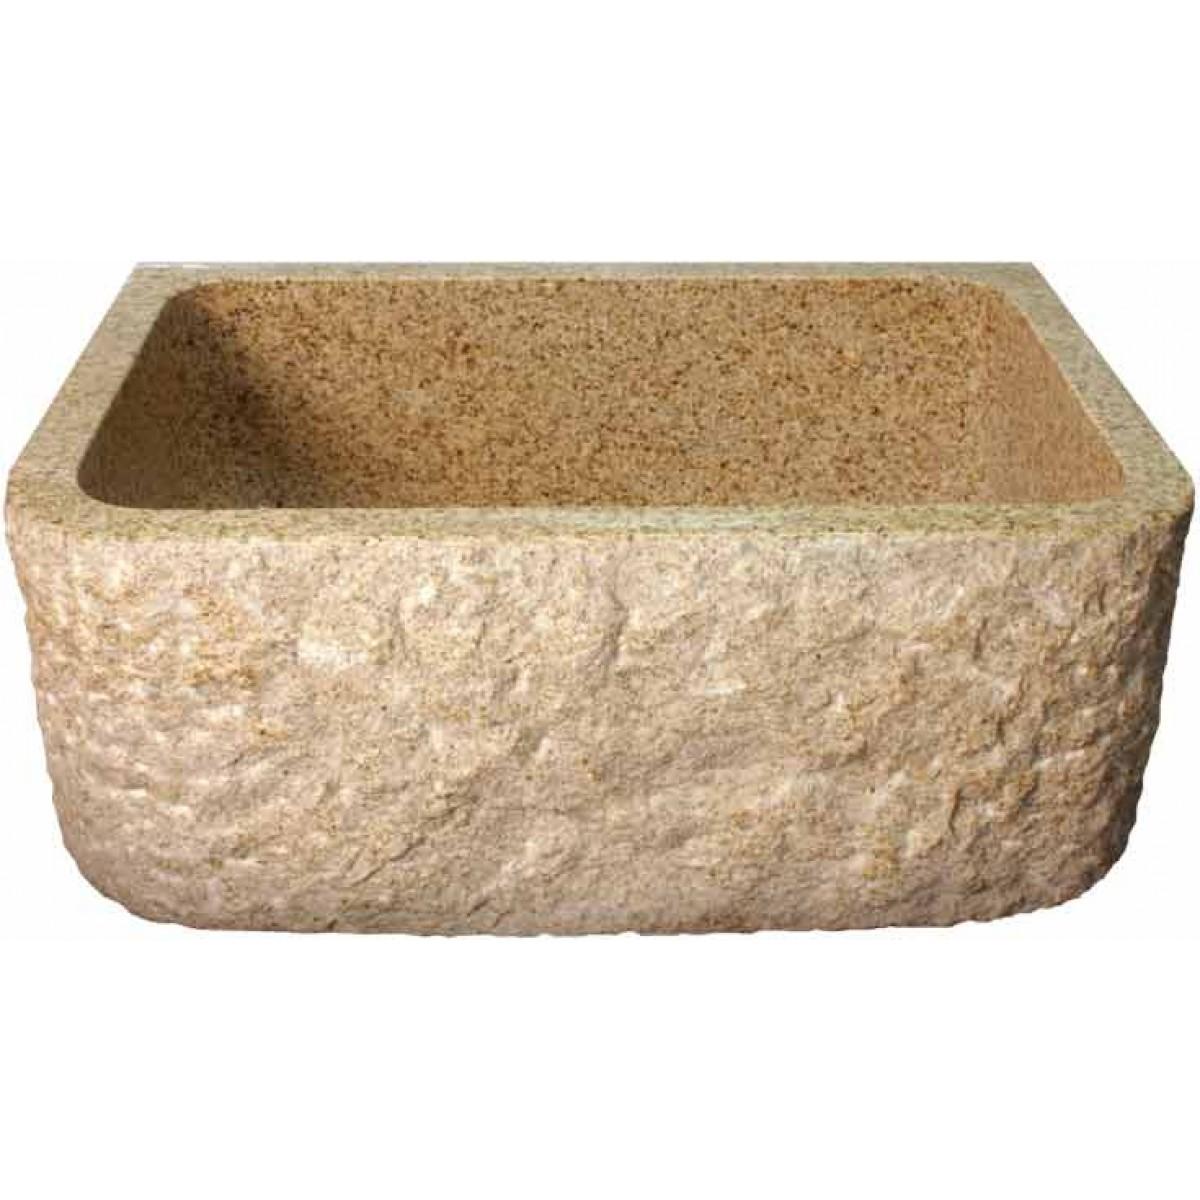 Sandstone Kitchen Sink : Rockwell Design Stone Granite Front Apron Farm Kitchen Sink - 26-1/2 x ...